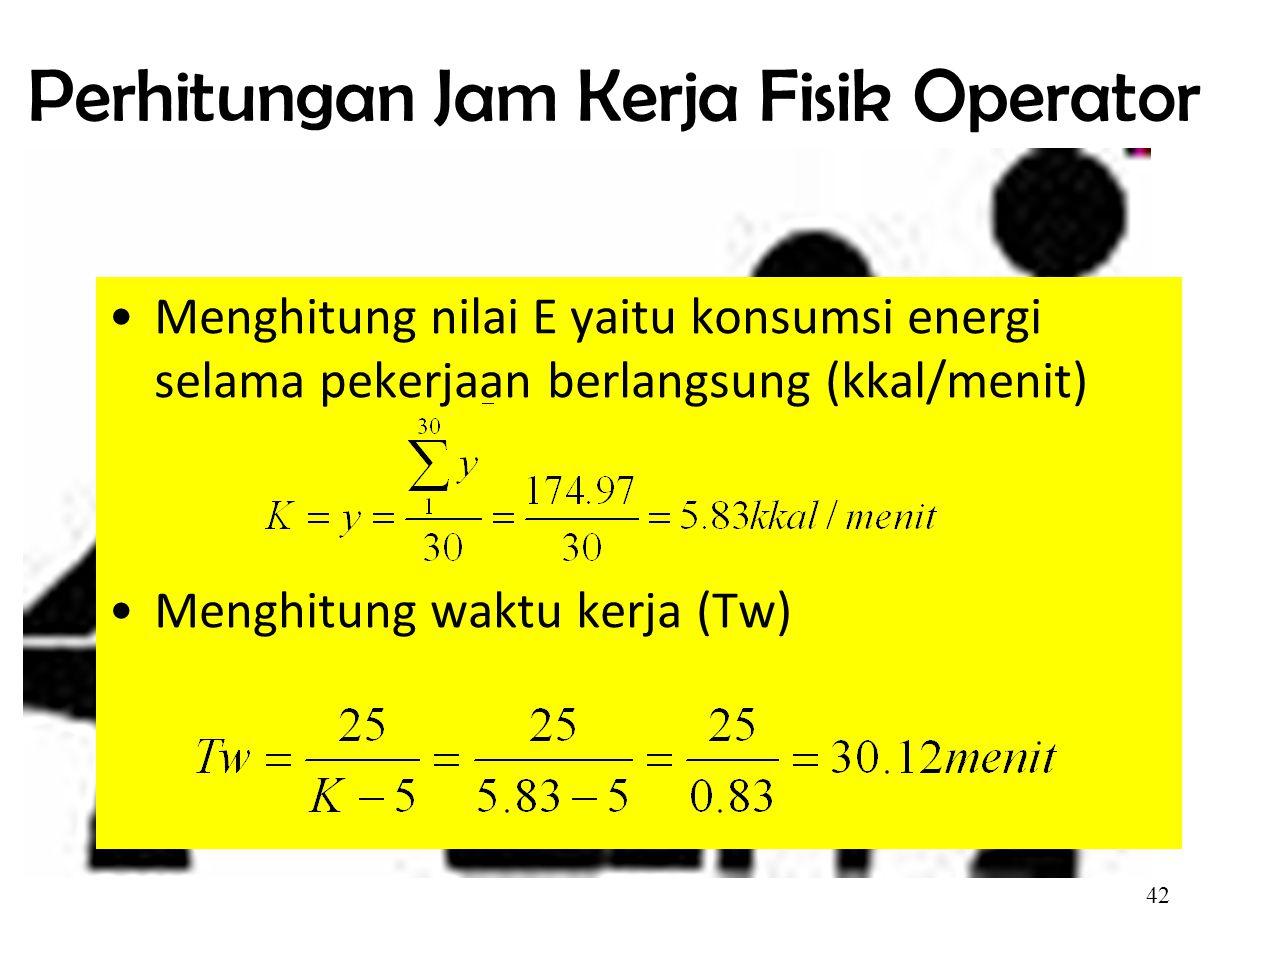 41 Pengukuran Periode Istirahat  Nurmianto (1996) LAMANYA WAKTU KERJA(T W ) LAMANYA WAKTU ISTIRAHAT (T R ) K= konsumsi energi selama pekerjaan berlangsung (kcal.mnt) (K-5)= habisnya cadangan energi (kcal/mnt) Tw= waktu kerja (working time), (menit) Waktu istirahat ini adalah konstan dan diasumsikan berdasar pada cadangan energi 25 Kkal sebelum munculnya asam laktat